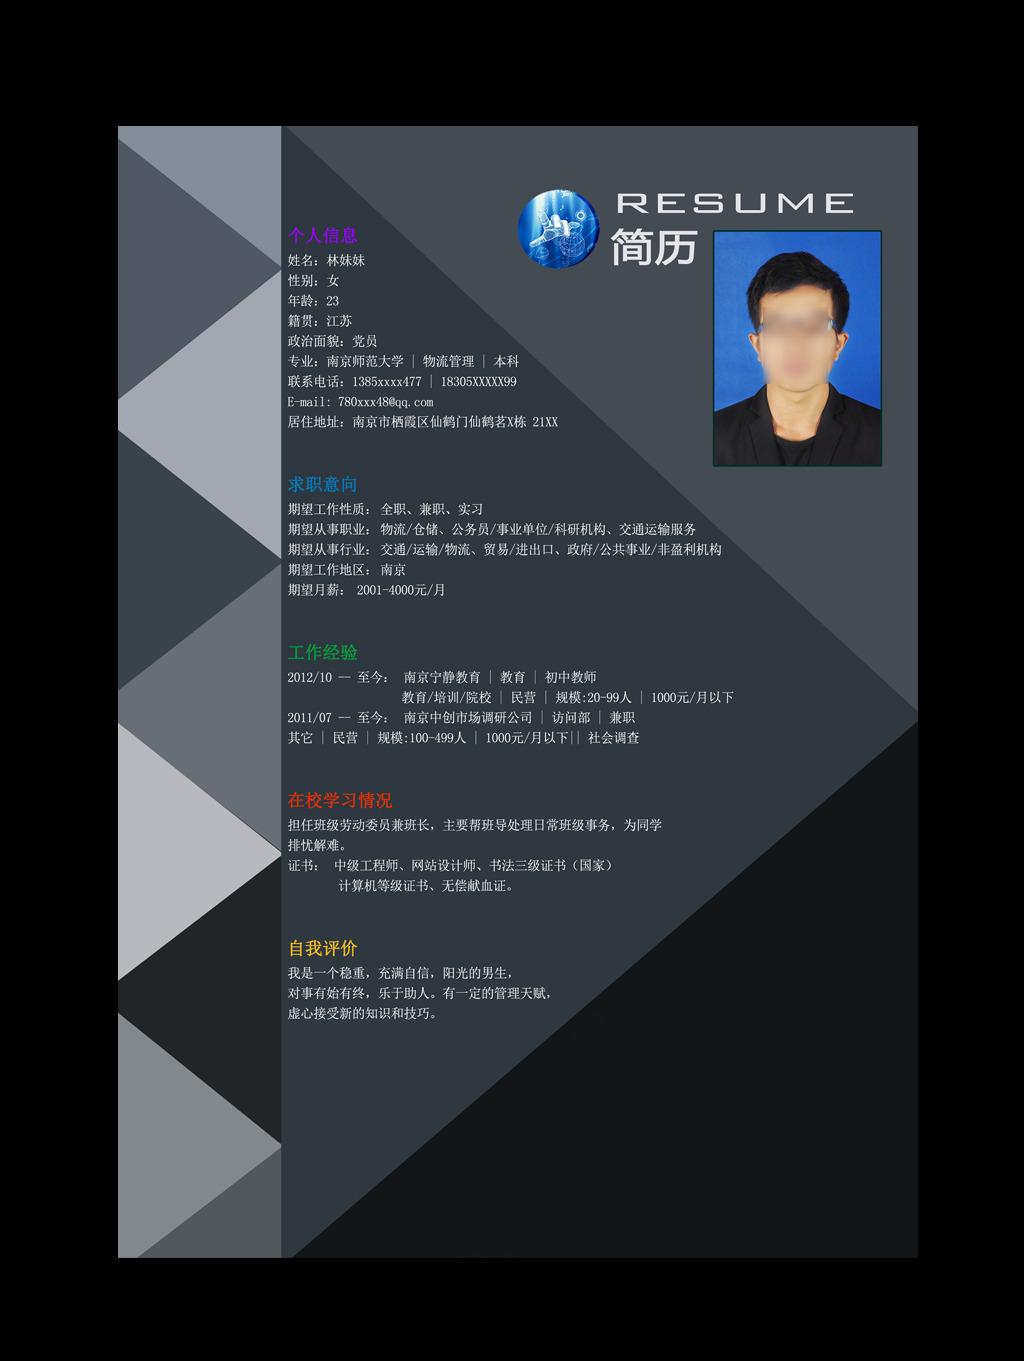 黑色个性简历模板模板下载 黑色个性简历模板图片下载 简历 简历模板